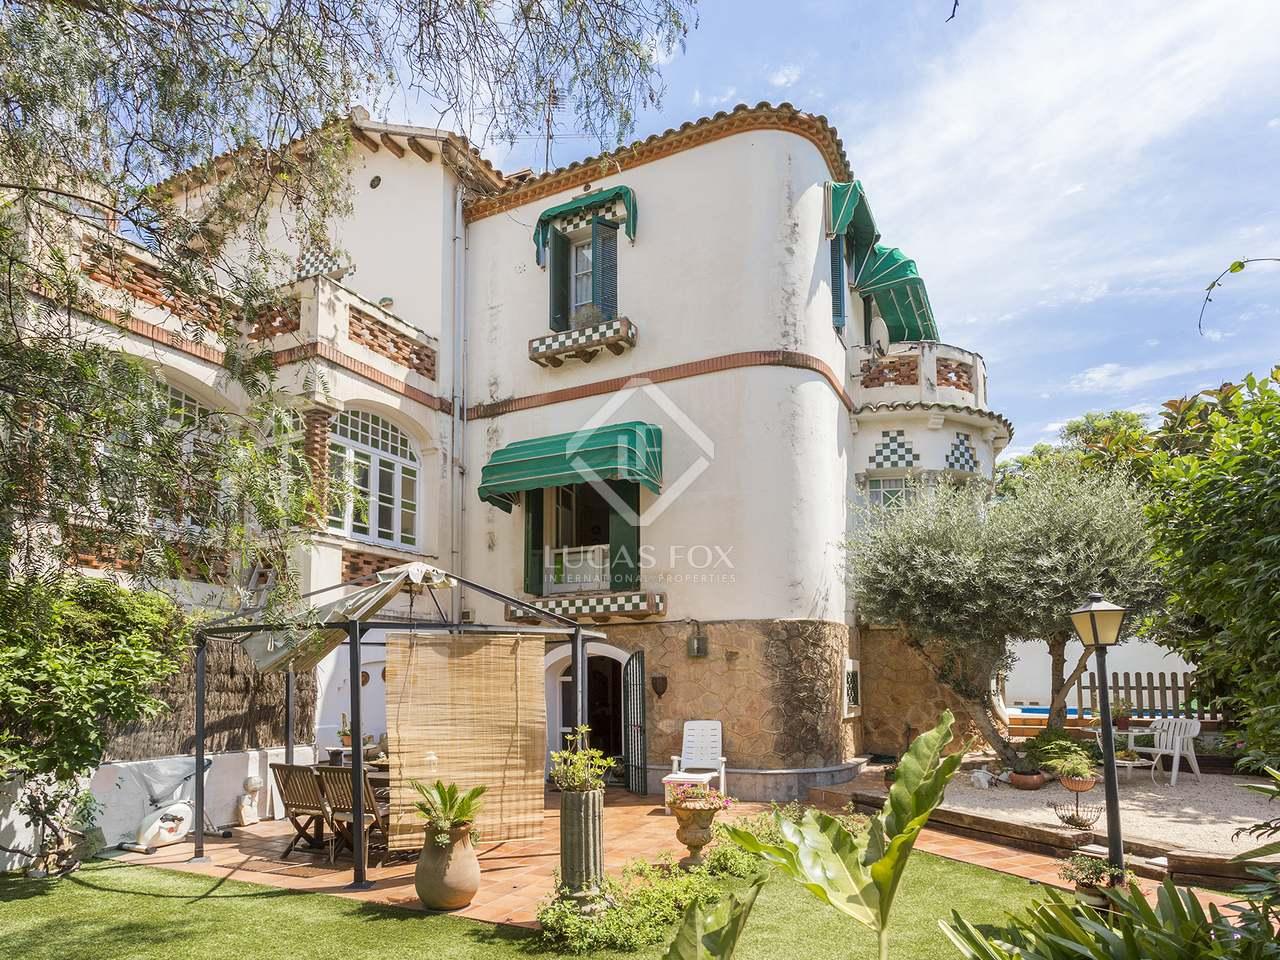 Propiedad de 190m con jard n en venta en sant just desvern - Casas modernistas barcelona ...